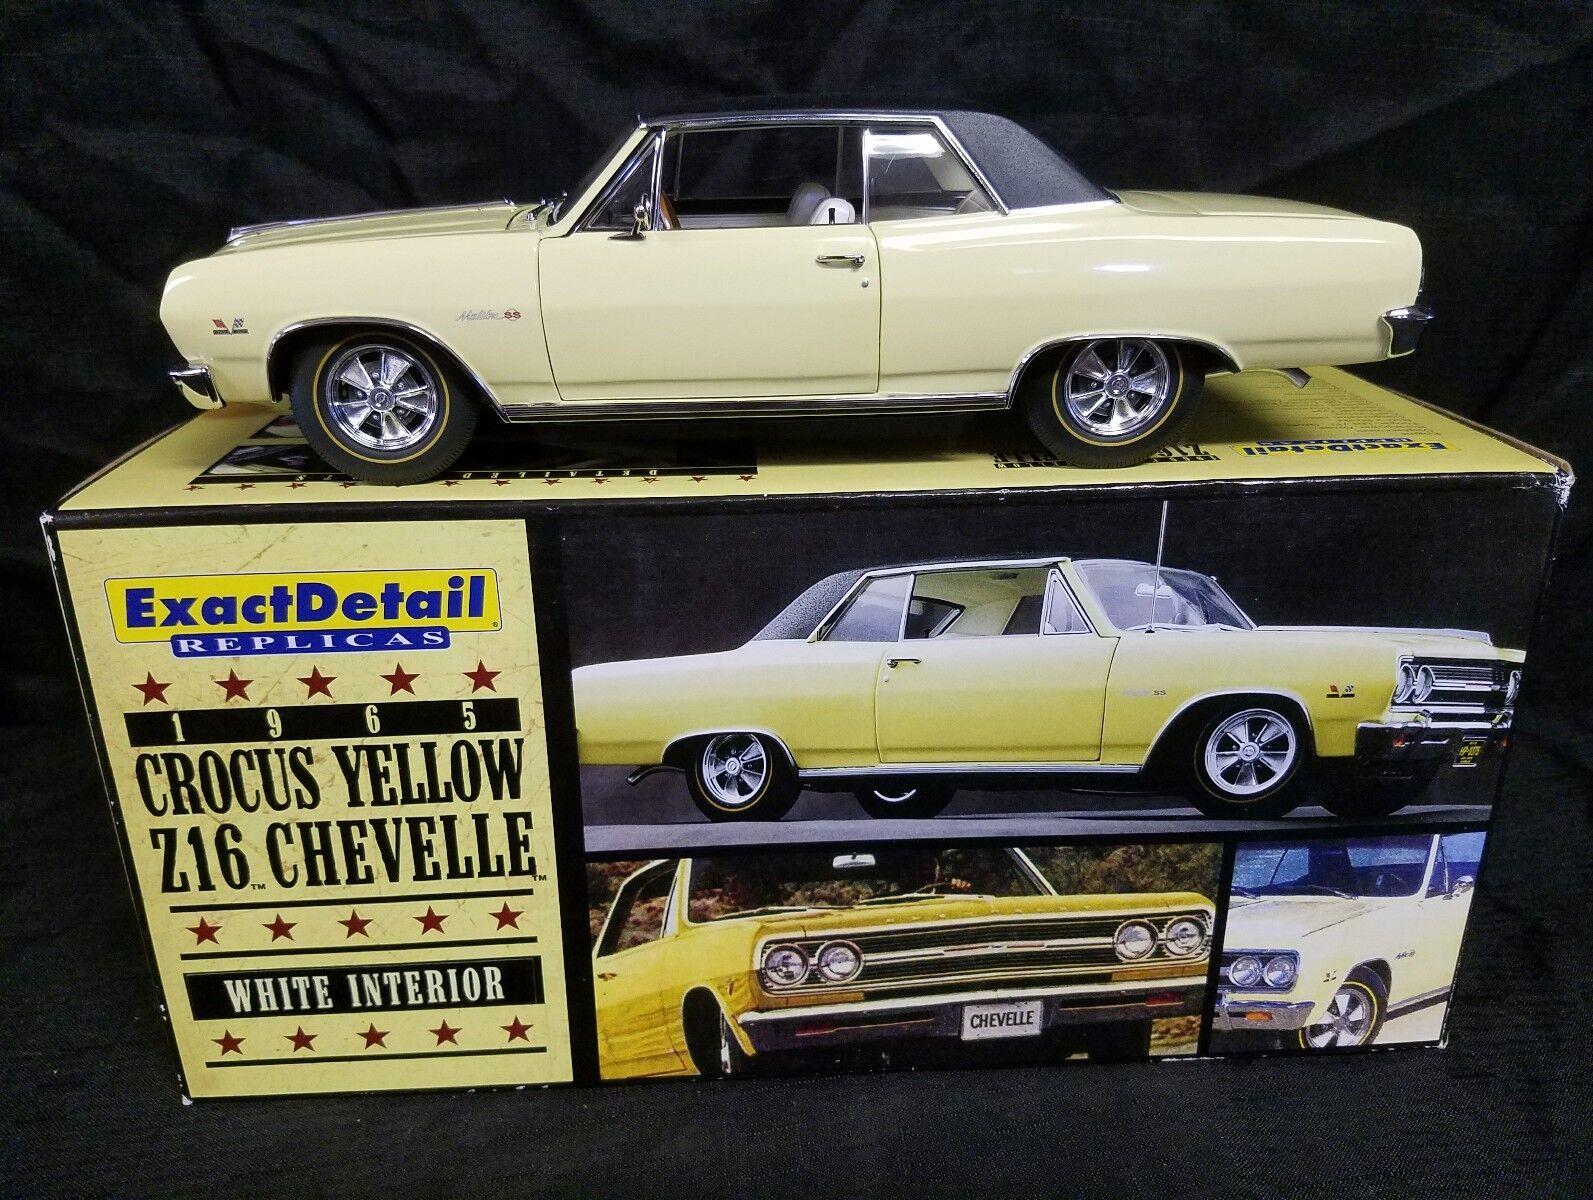 Lane genaue details 1965 chevelle malibu ss 396 turboprop z16 crocus gelb - weiße